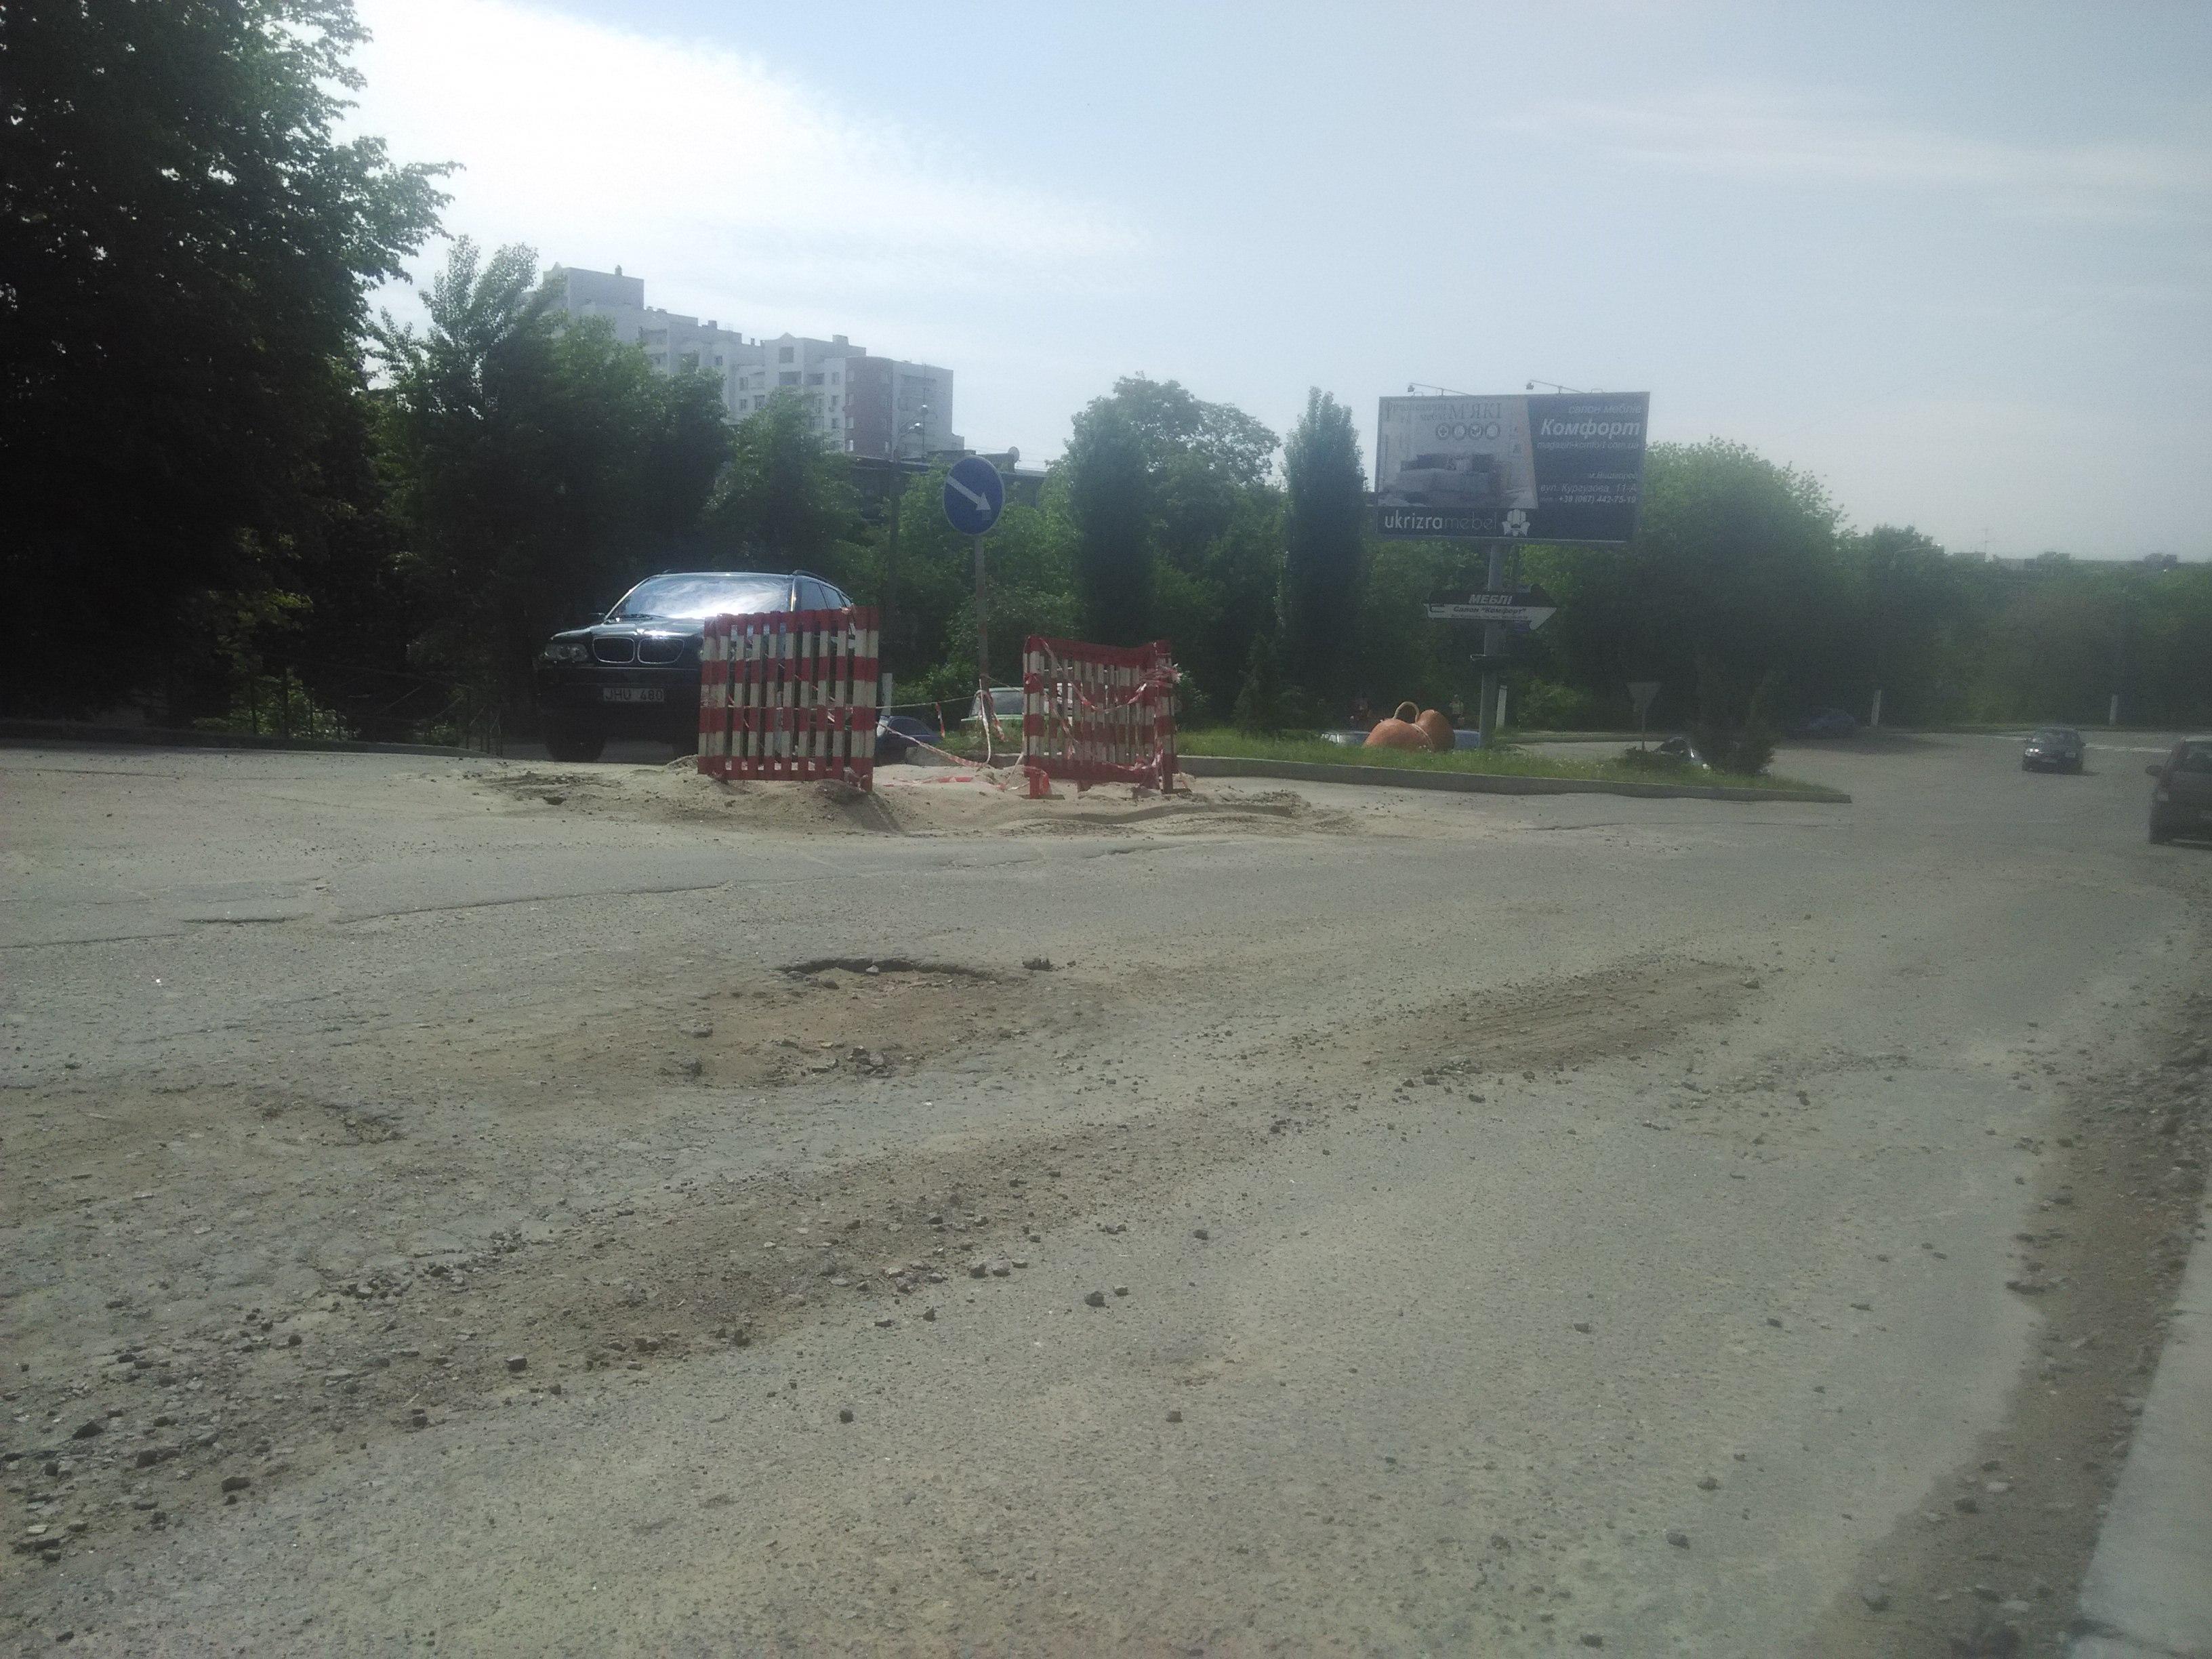 Вишгородські дороги: перше місце в обласному рейтингу, але потребують вдосконалення - стан доріг, ремонтні роботи, Ремонт, дороги, Вишгород - IMG 20180508 114827